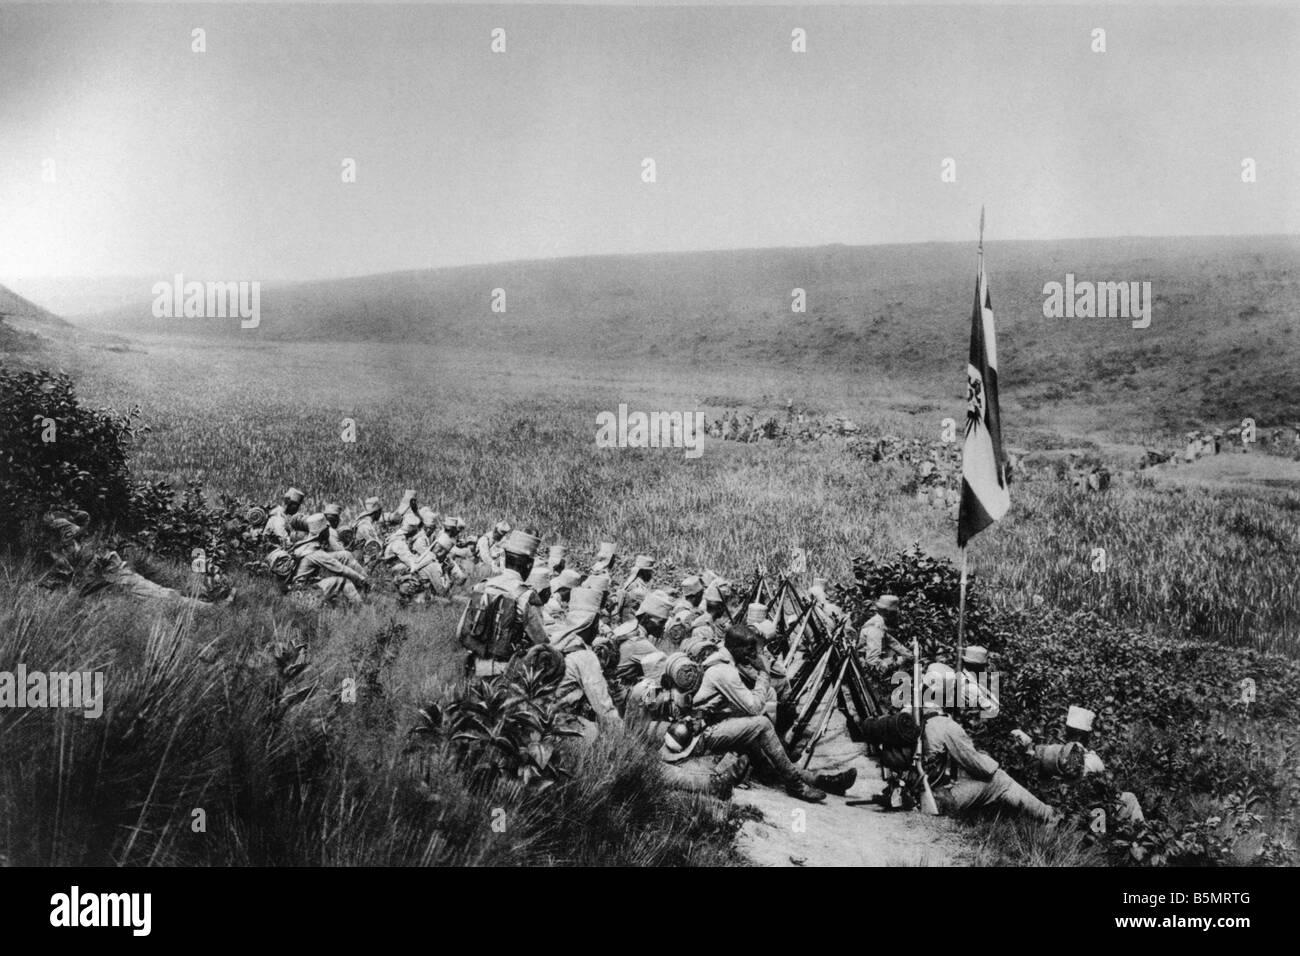 9AF 1914 0 0 A10 reste pour protectorat allemand de la première guerre mondiale troupes 1914 18 Guerre dans les colonies protectorat allemand au repos des troupes Banque D'Images